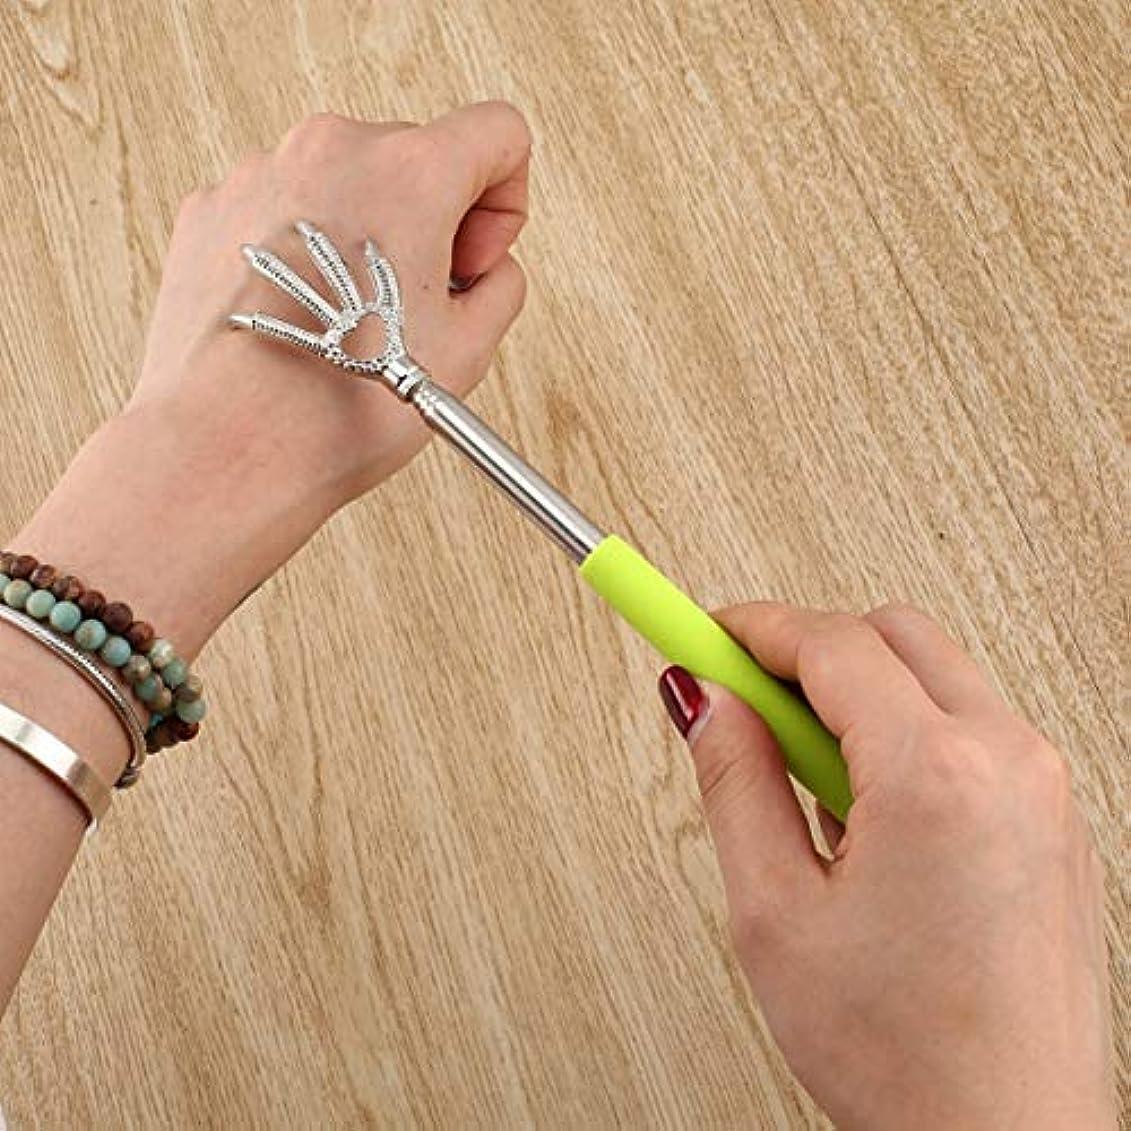 コンベンション去る口述Compact Telescopic Claw Stainless Steel Massager Back Scratcher 22-58cm Adjustable Back Scratching Massage Hand Claw